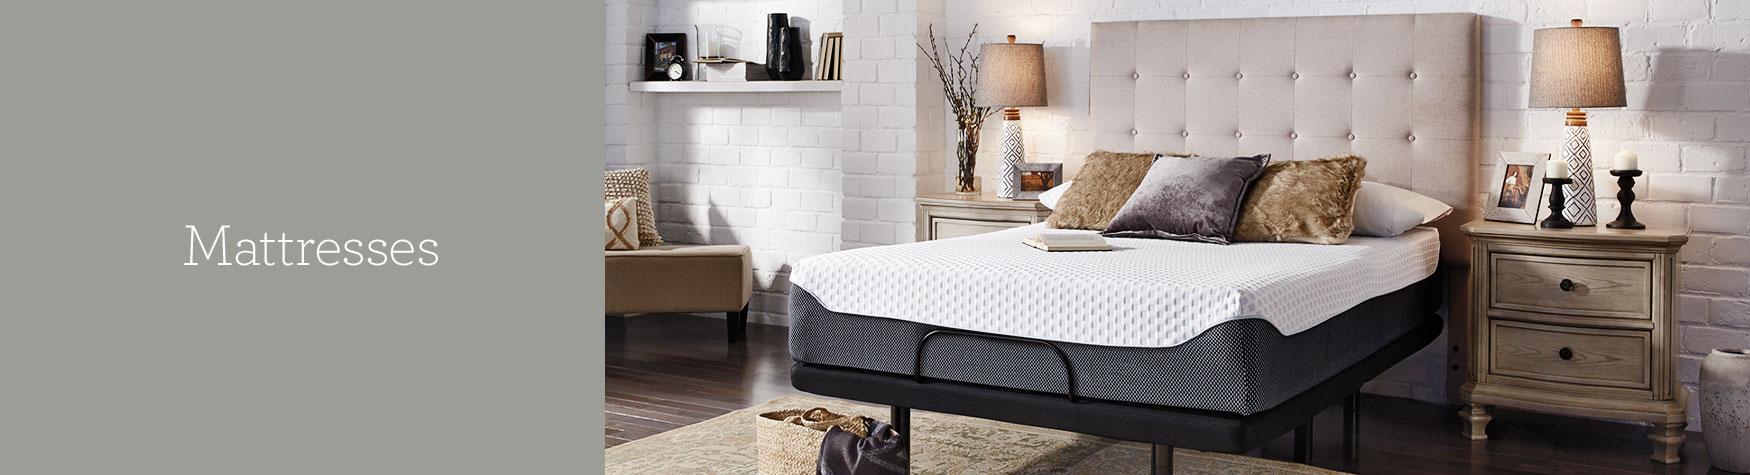 mattresses banner